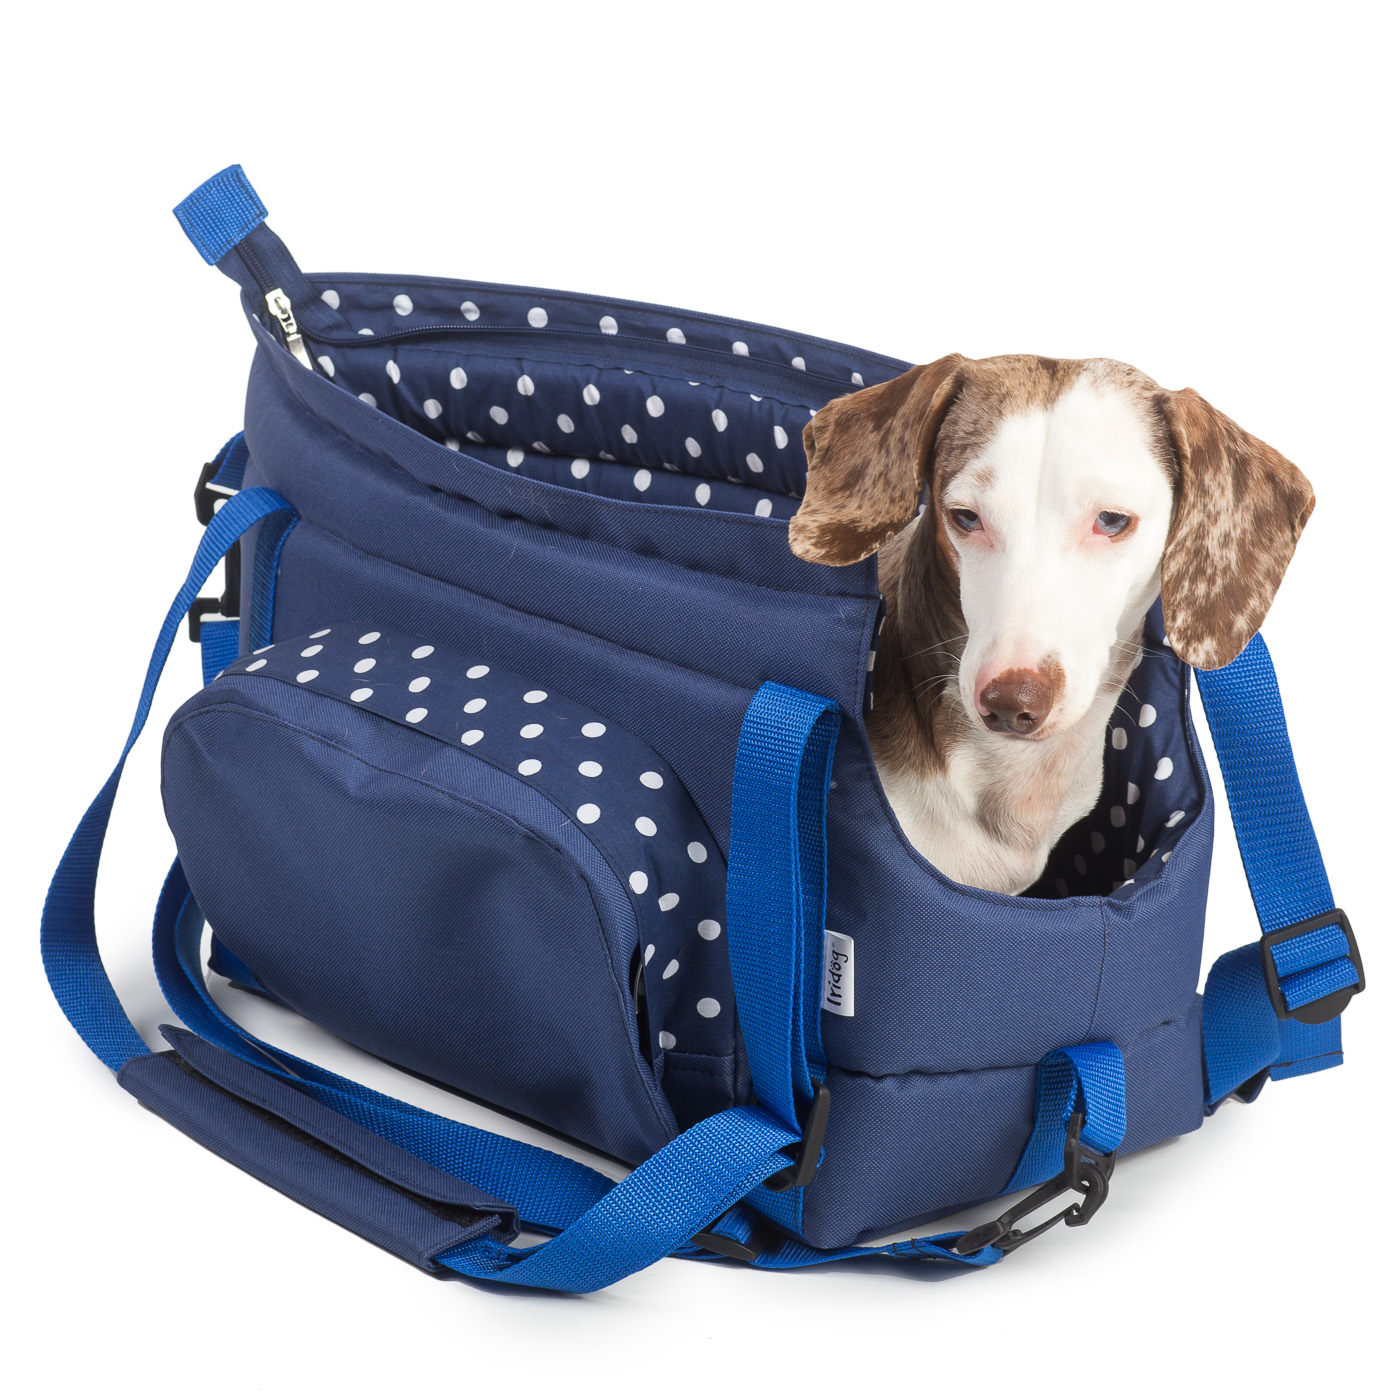 Cestovní taška pro psy, no. 30, modrá s puntíky - vel .3